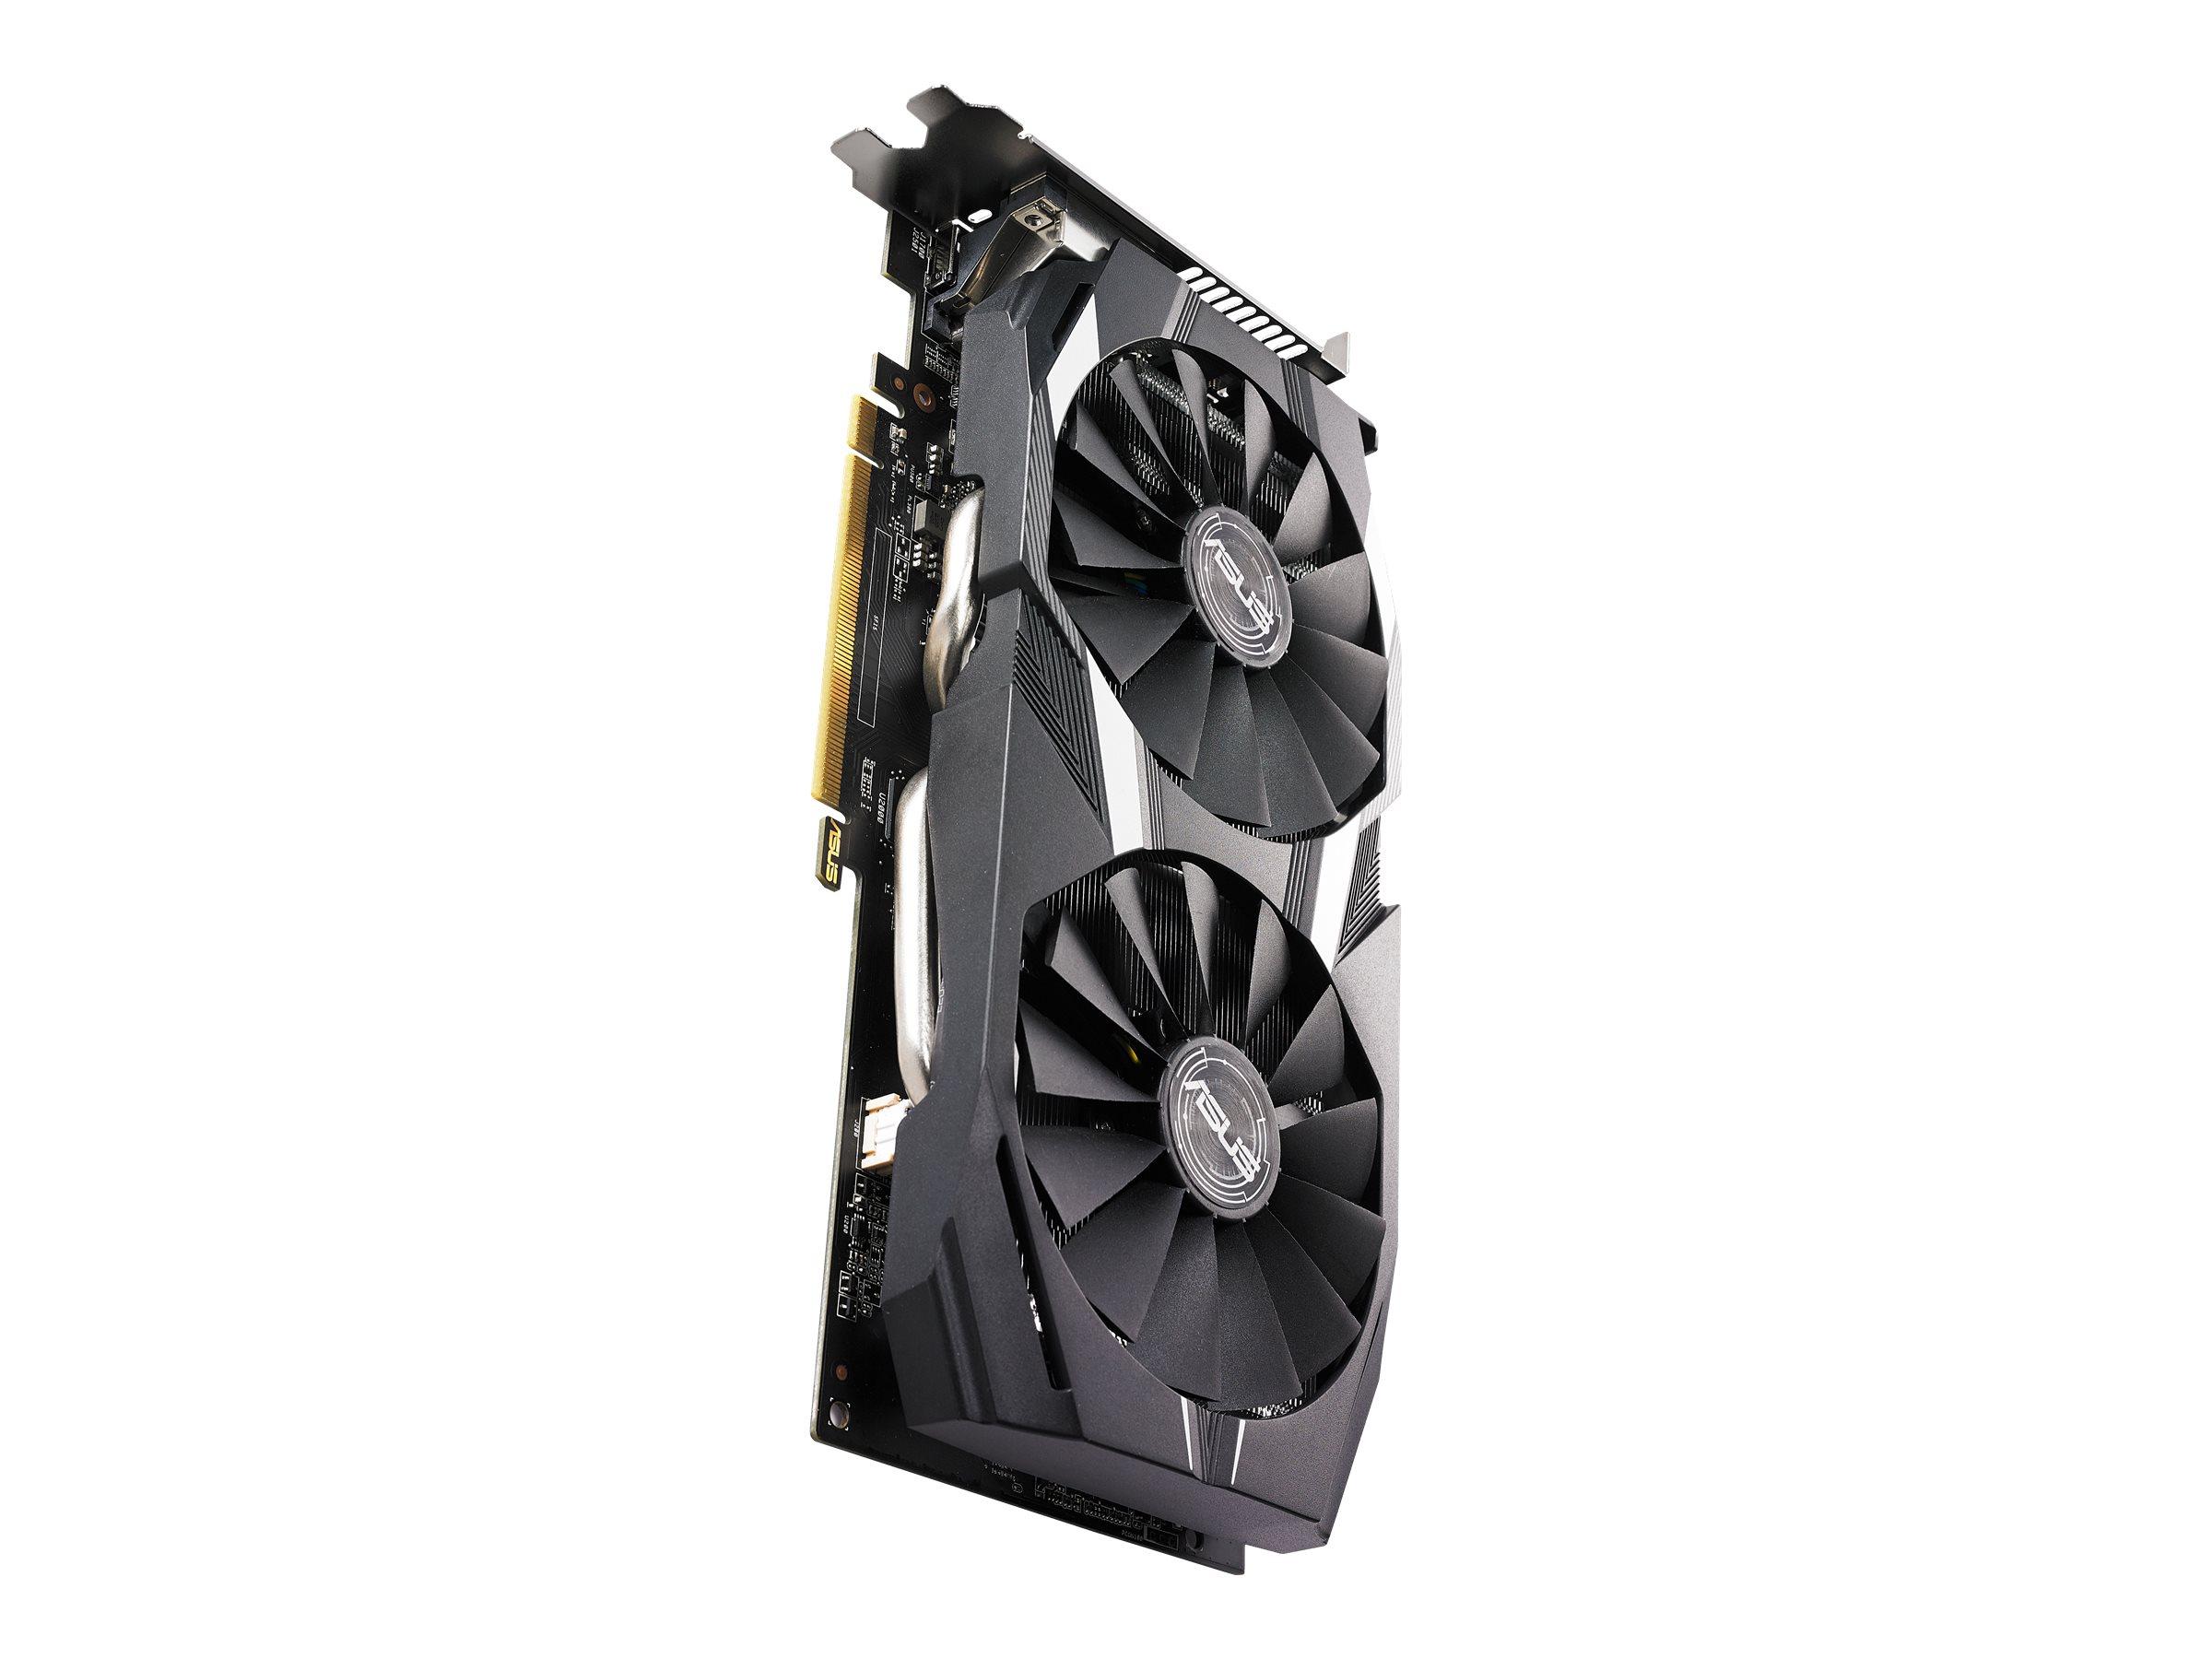 ASUS DUAL-RX580-O8G - Grafikkarten - Radeon RX 580 - 8 GB GDDR5 - PCIe 3.0 x16 - DVI, 2 x HDMI, 2 x DisplayPort